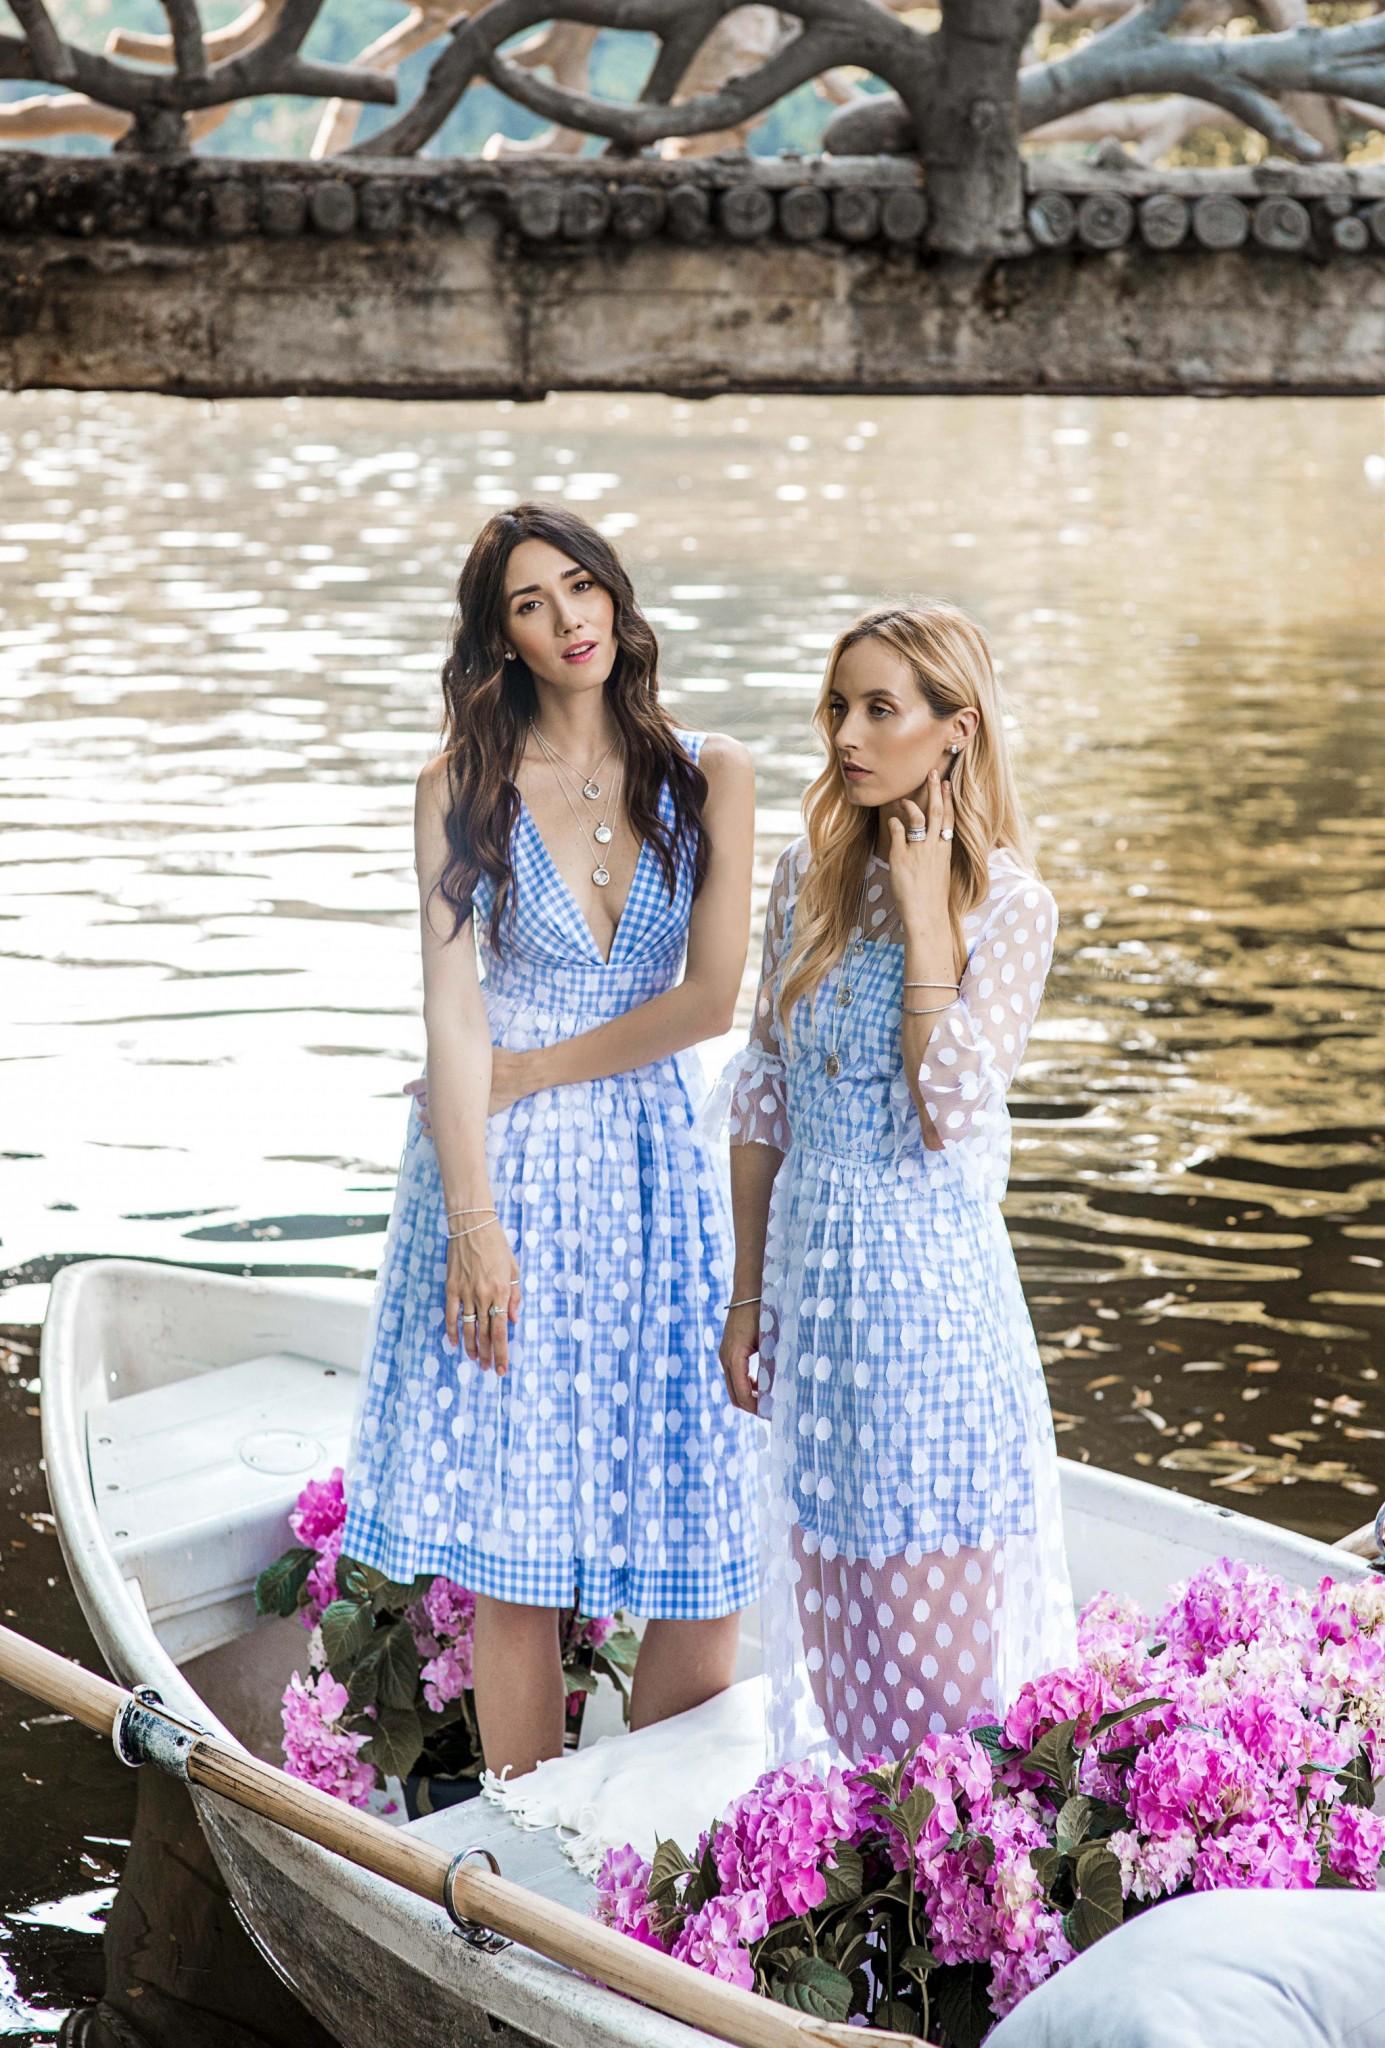 10pandora-the-look-of-you-diana-enciu-alina-tanasa-fabulous-muses-lace-trend